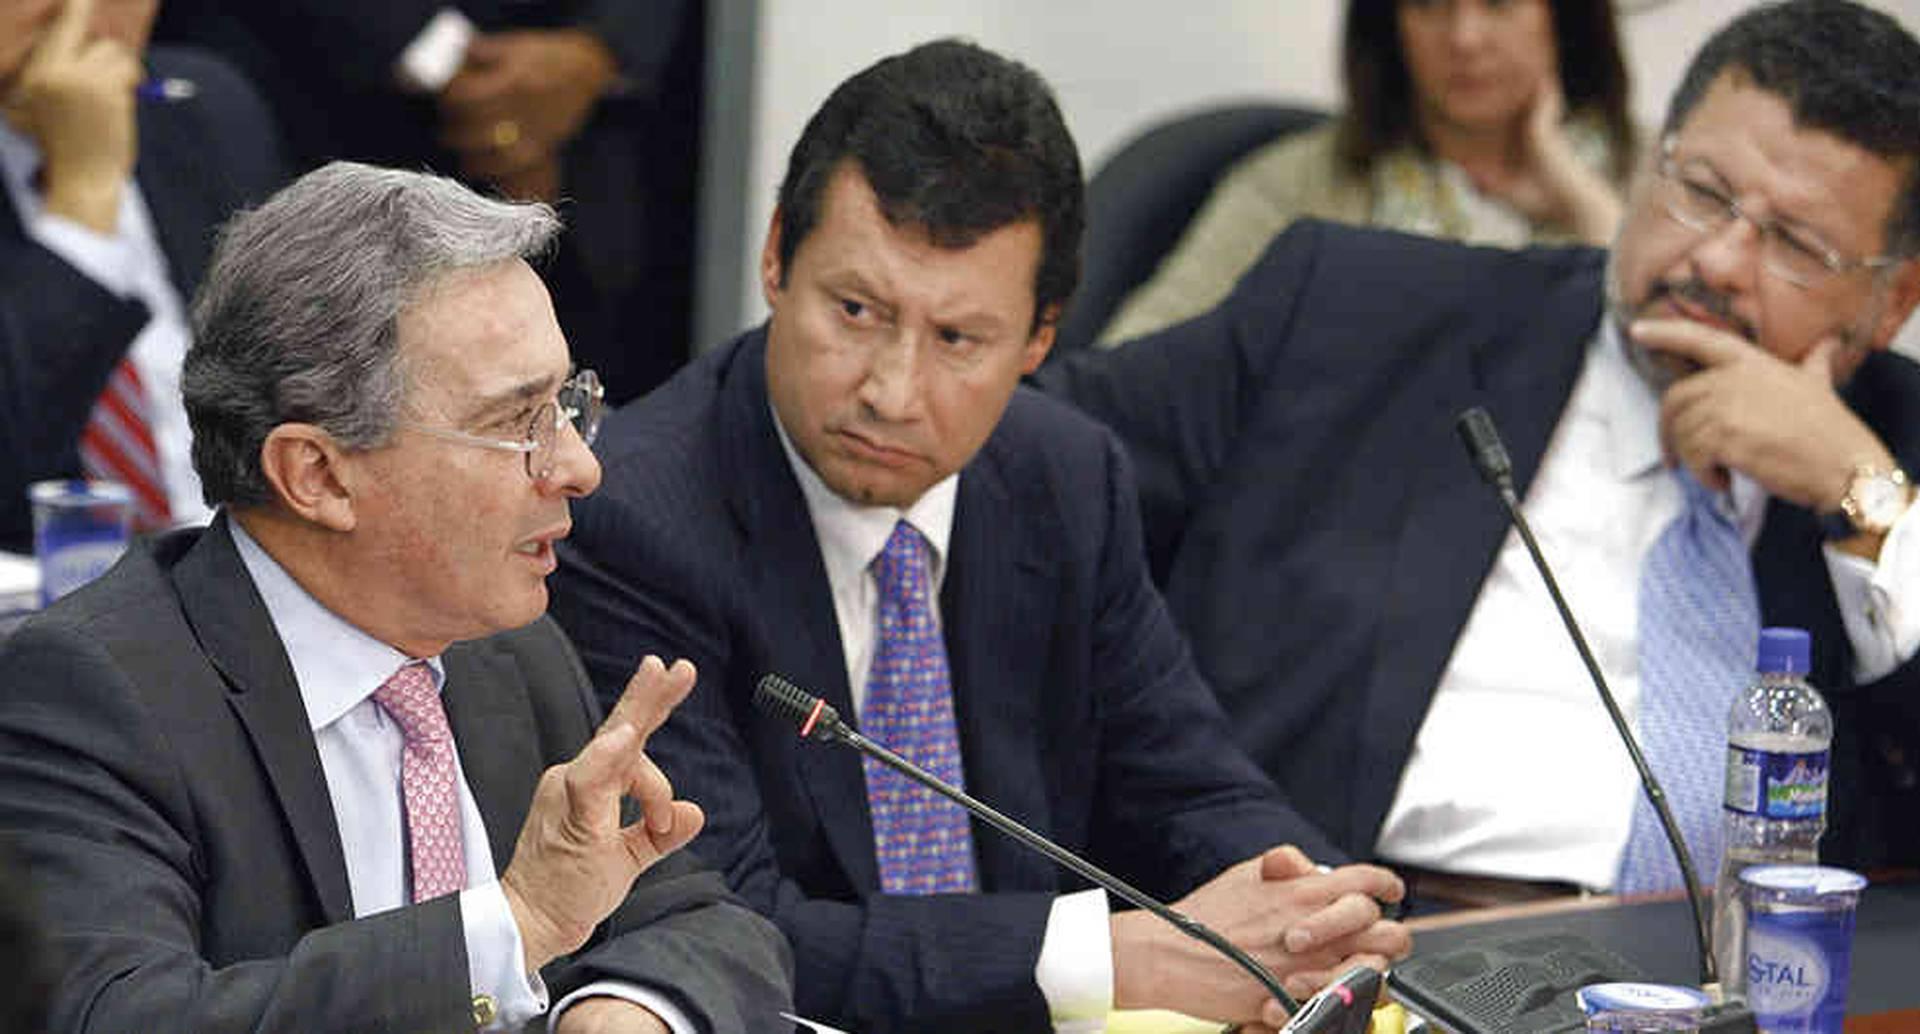 La detención domiciliaria a Álvaro Uribe implica también su suspensión como senador. El expresidente con sus abogados titulares, Jaime Granados y Jaime Lombana, se concentrará en defenderse ante la Sala de Instrucción de la Corte Suprema | Esto es lo que sigue para Álvaro Uribe Vélez y su proceso | Colombia hoy